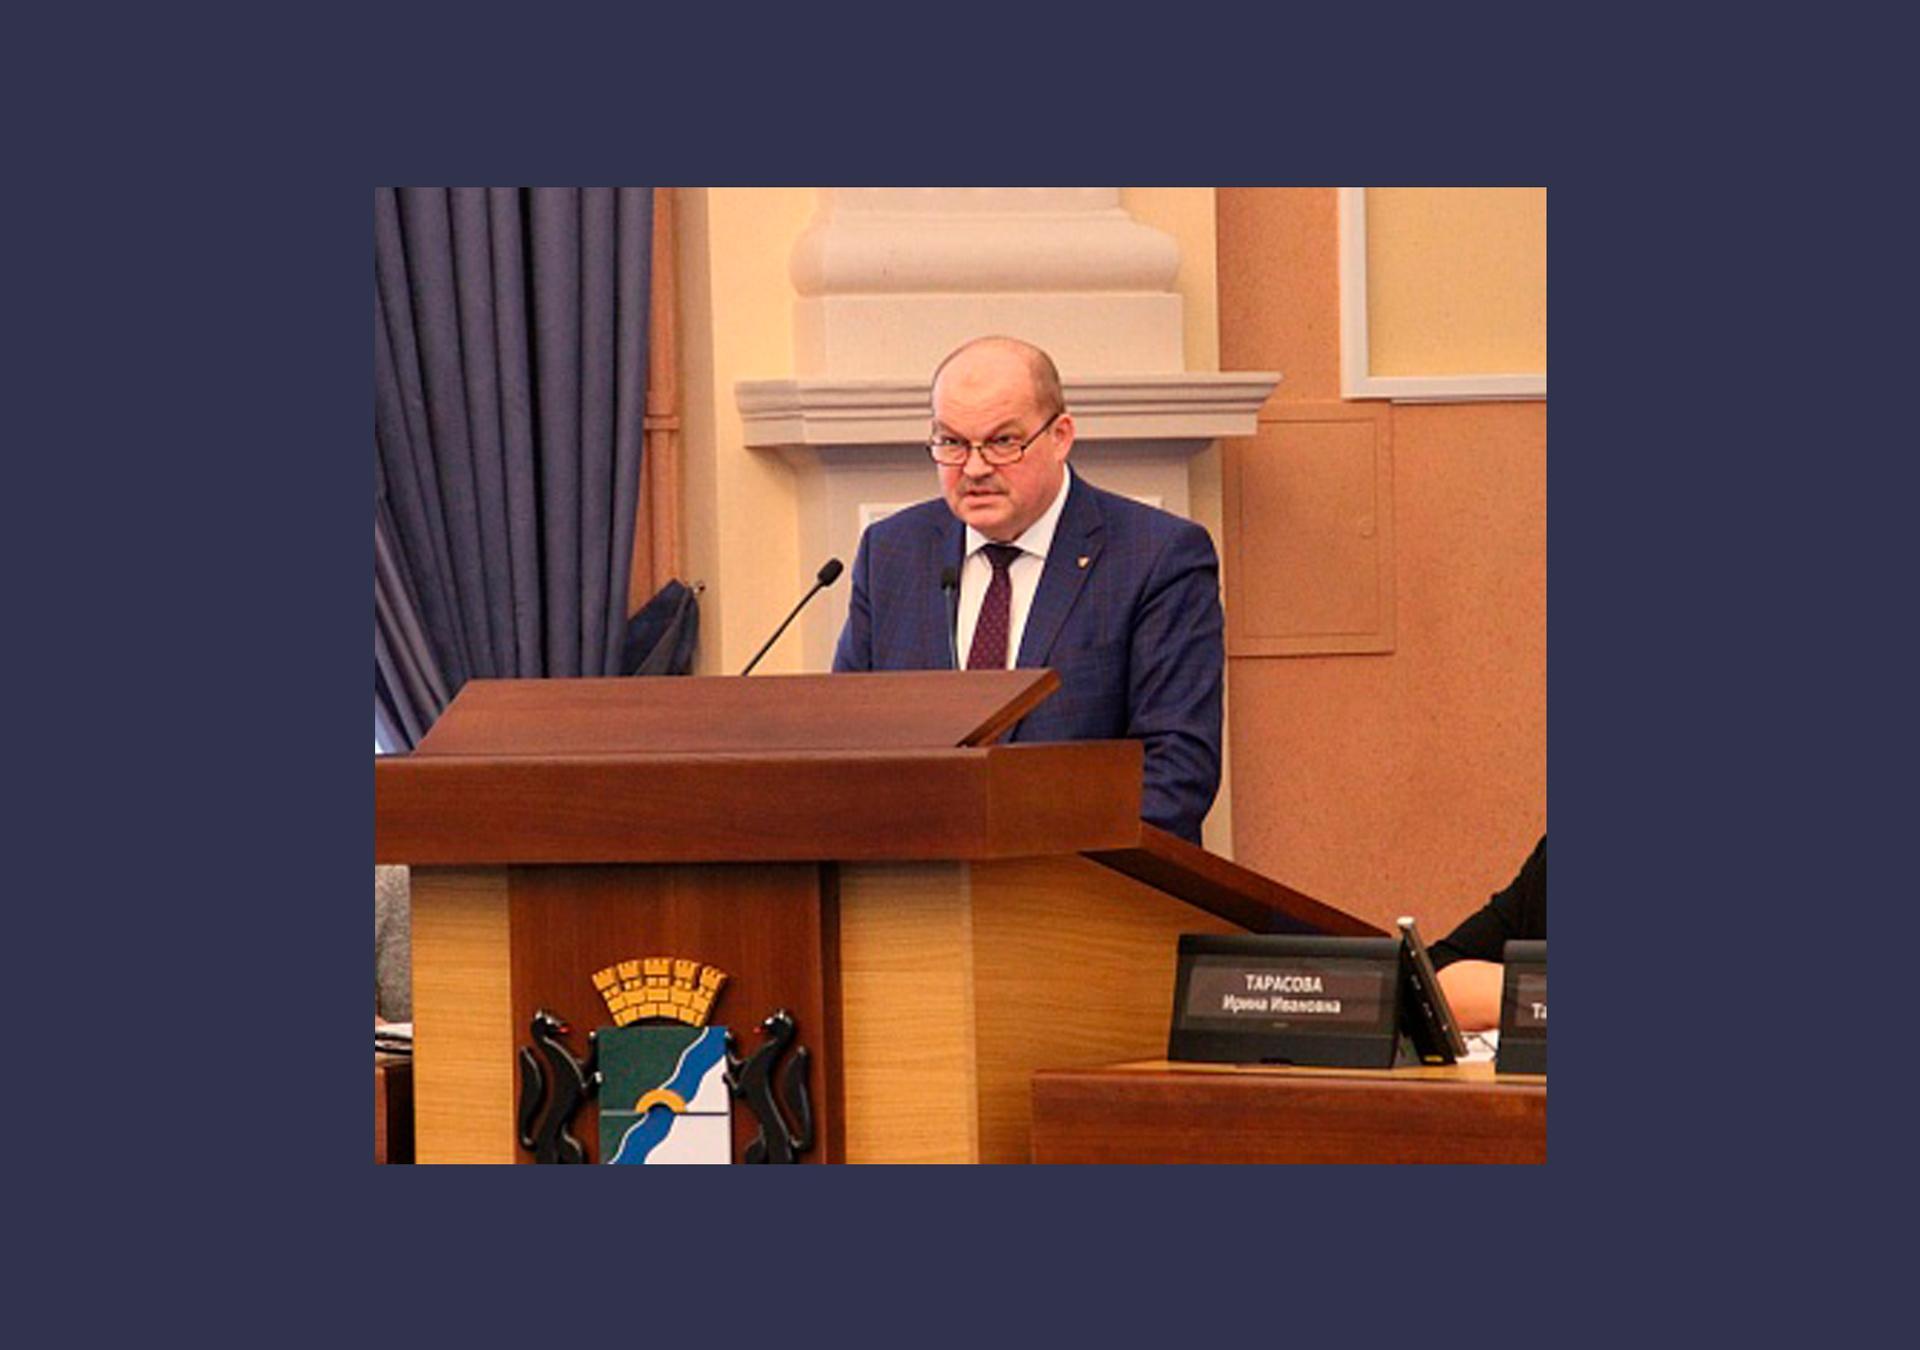 Рамиль Ахметгареев. Фото © Официальный сайт города Новосибирска